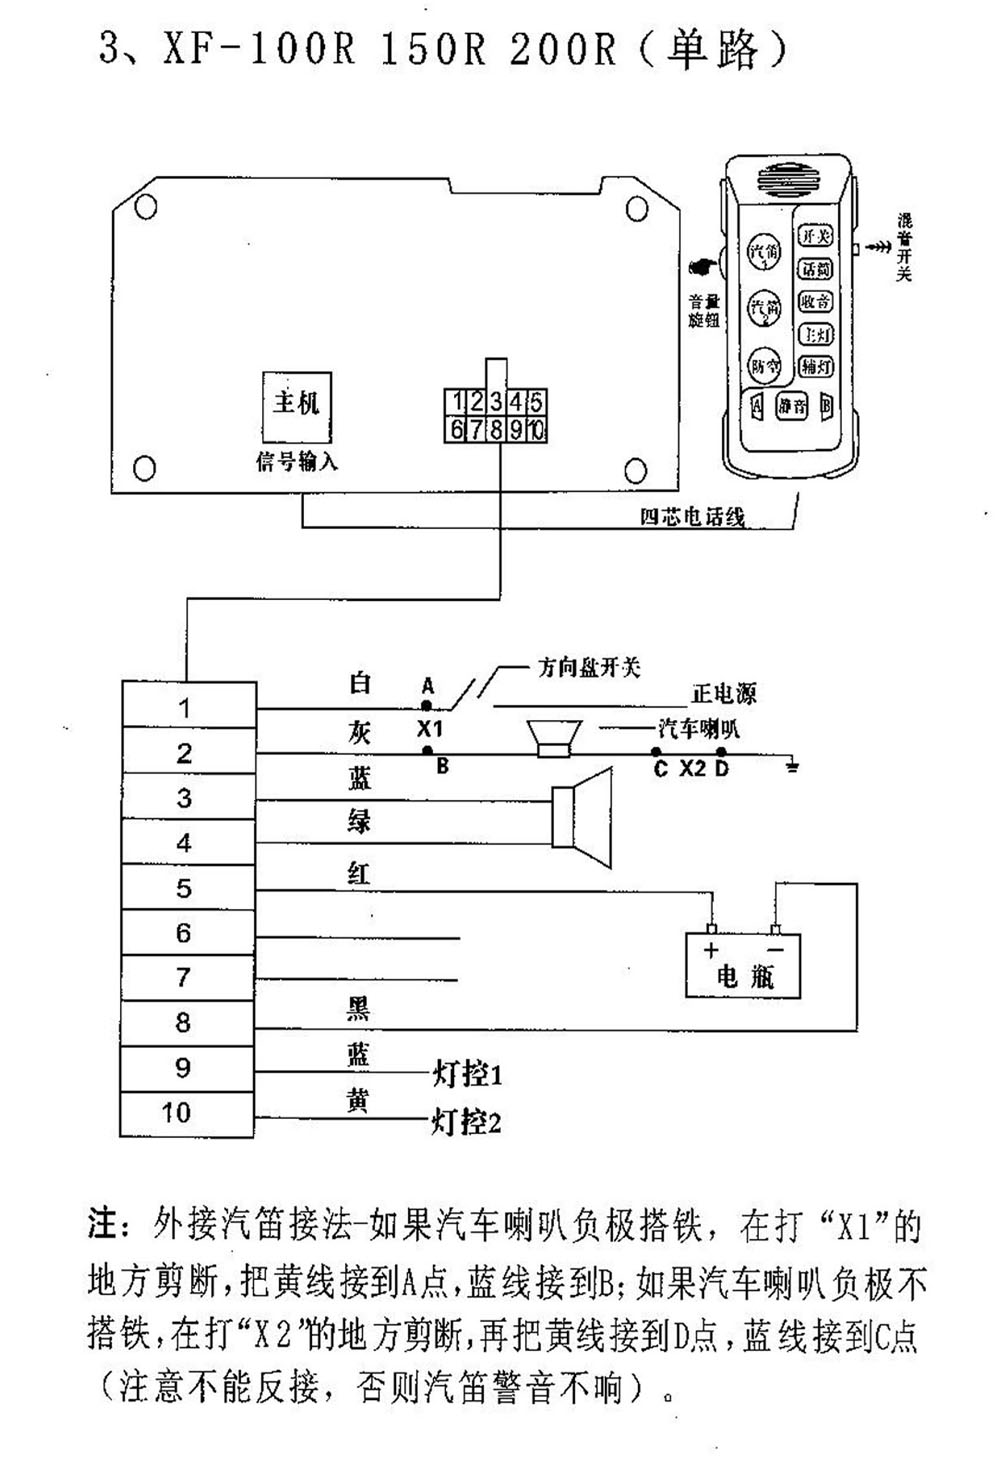 >> 先锋 r型100w 150w 200w单路 接线图